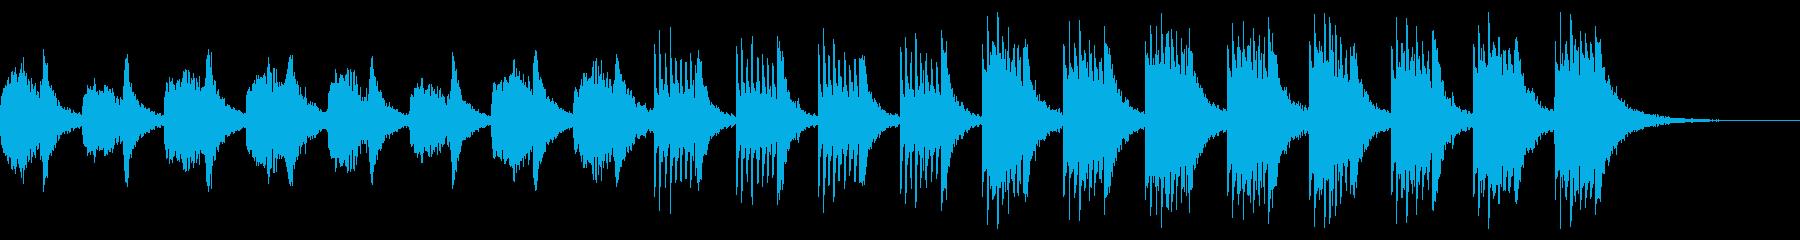 和風の柔らかな雰囲気の曲 シンセ無しの再生済みの波形